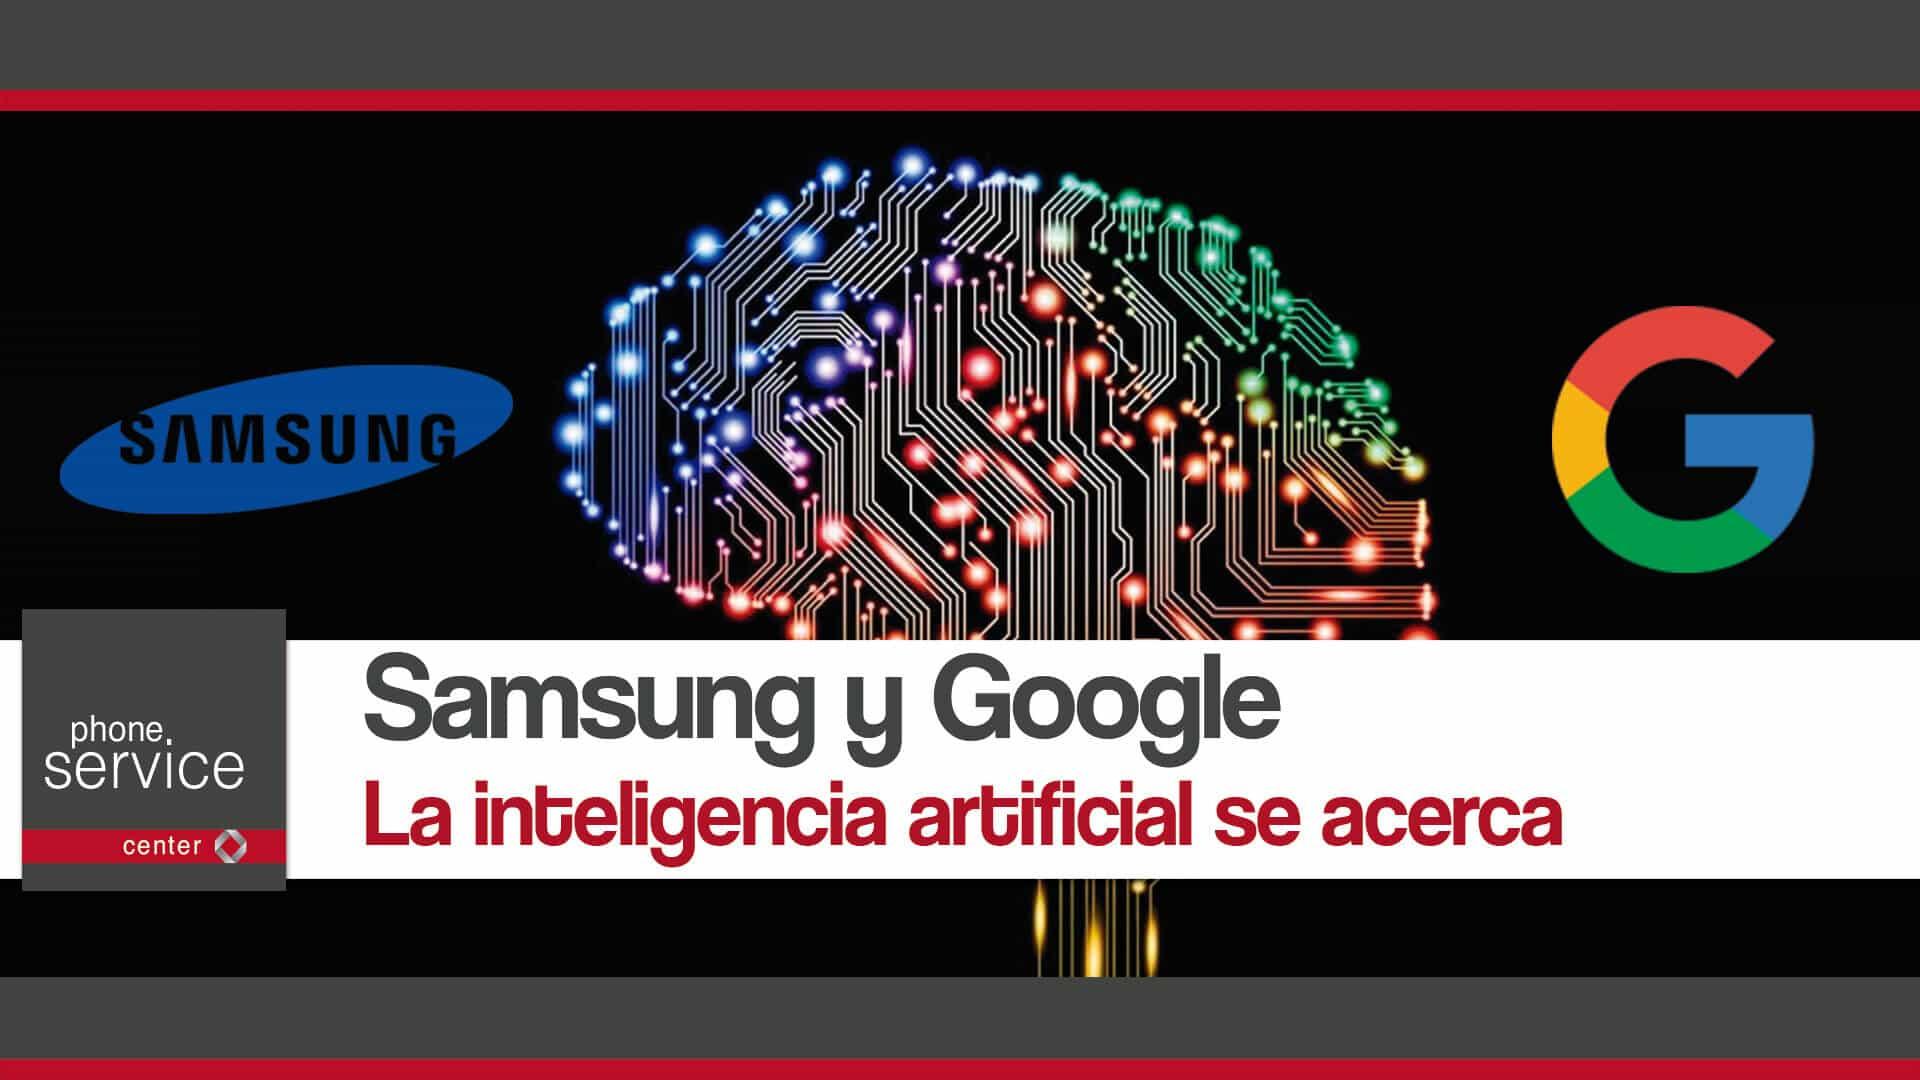 Samsung y Google inteligencia artificial